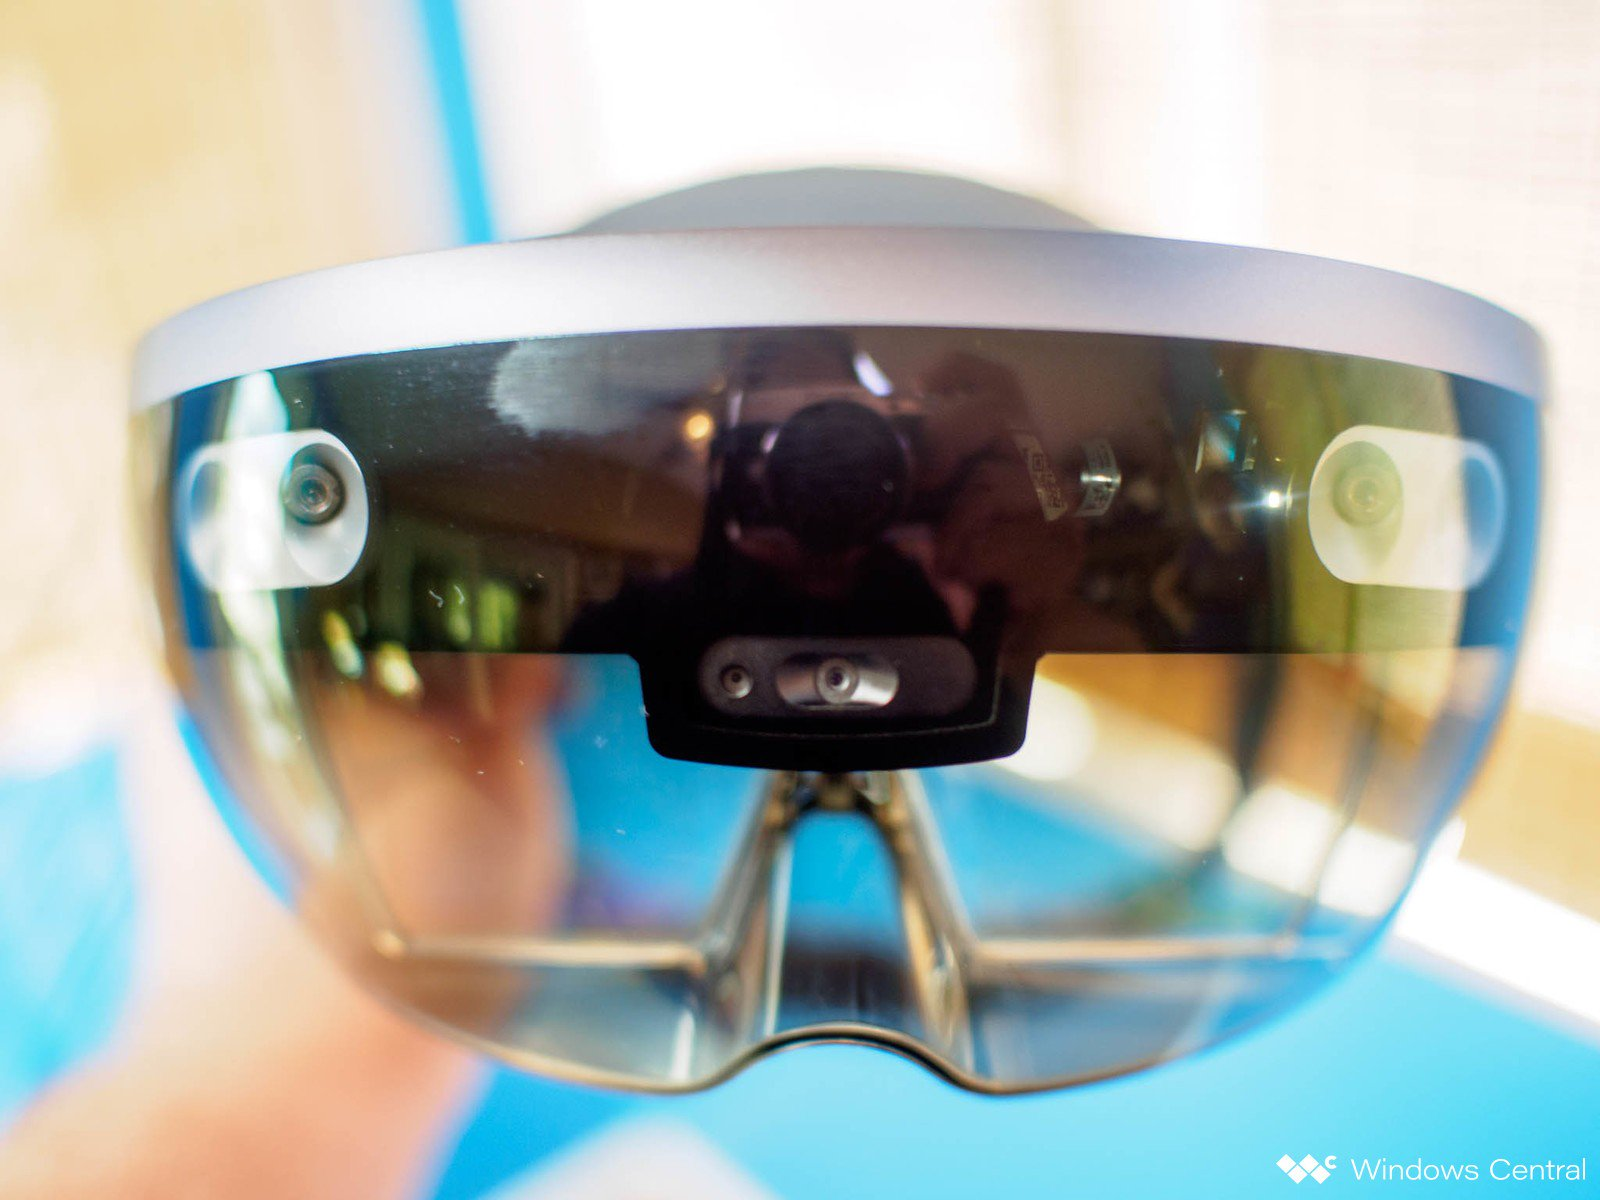 Сотрудники Microsoft выступили против использования HoloLens в армии, потому что война превращается в компьютерную игру - 1